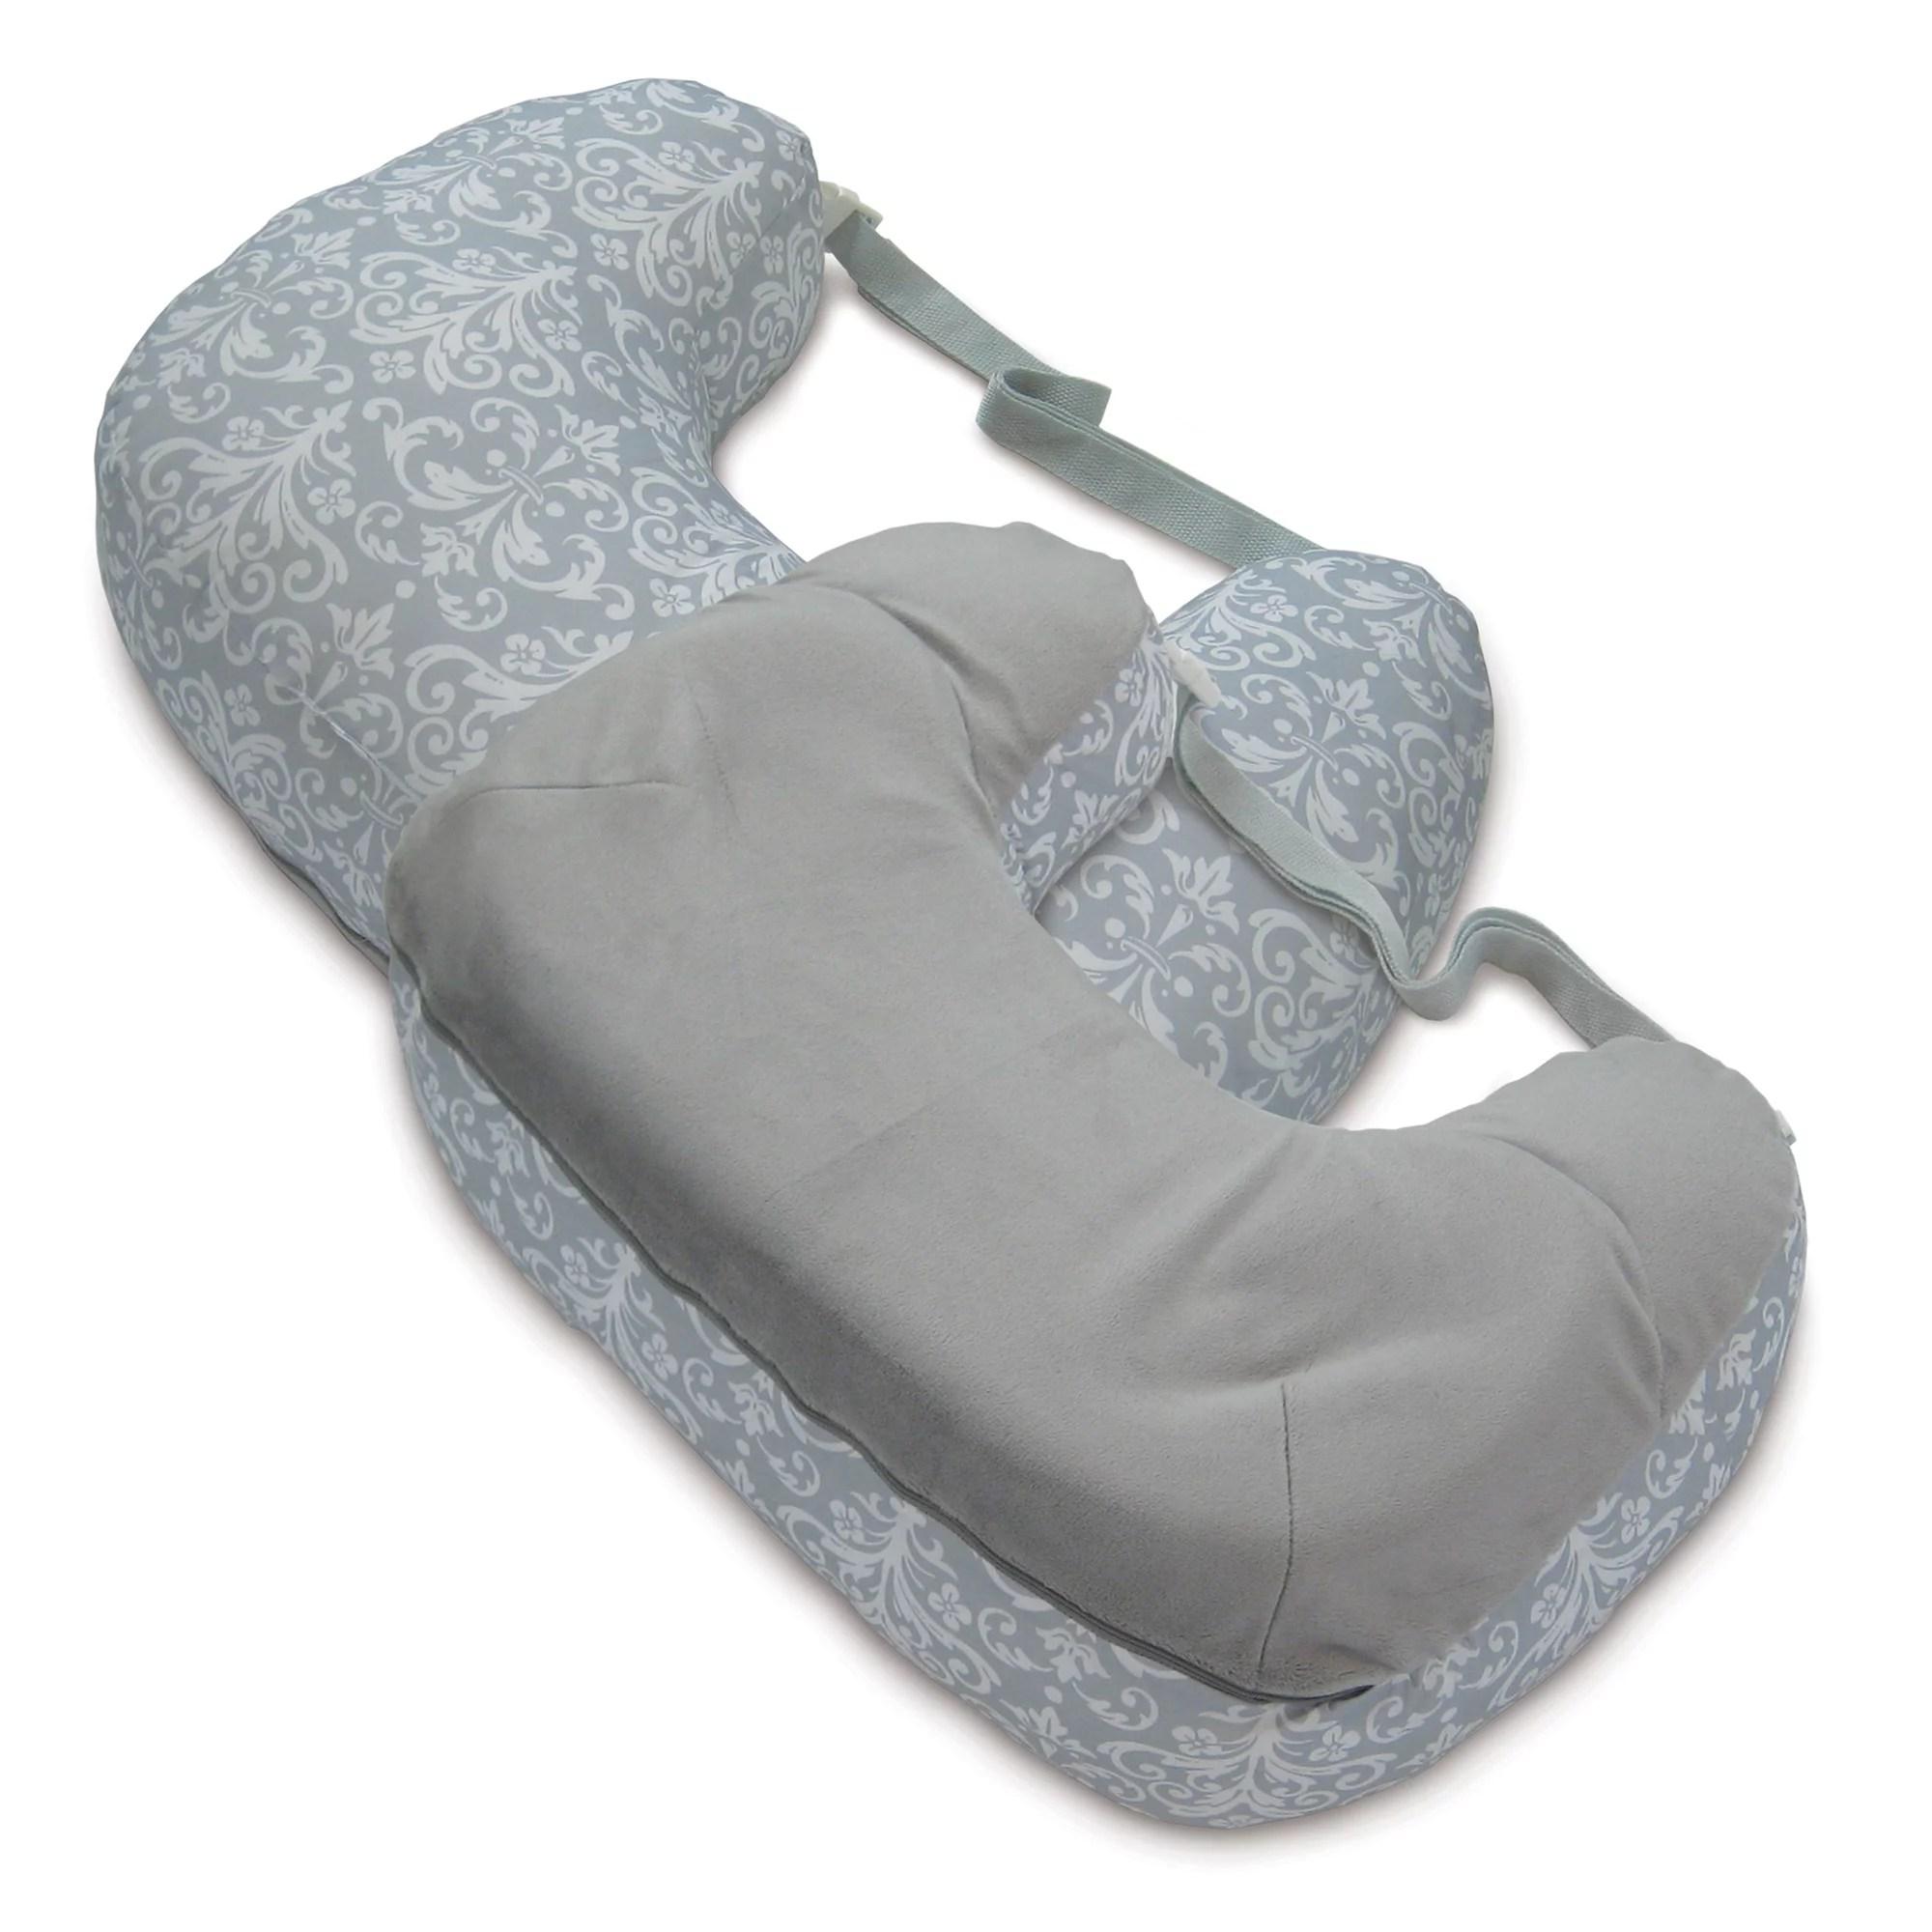 boppy best latch breastfeeding pillow kensington gray